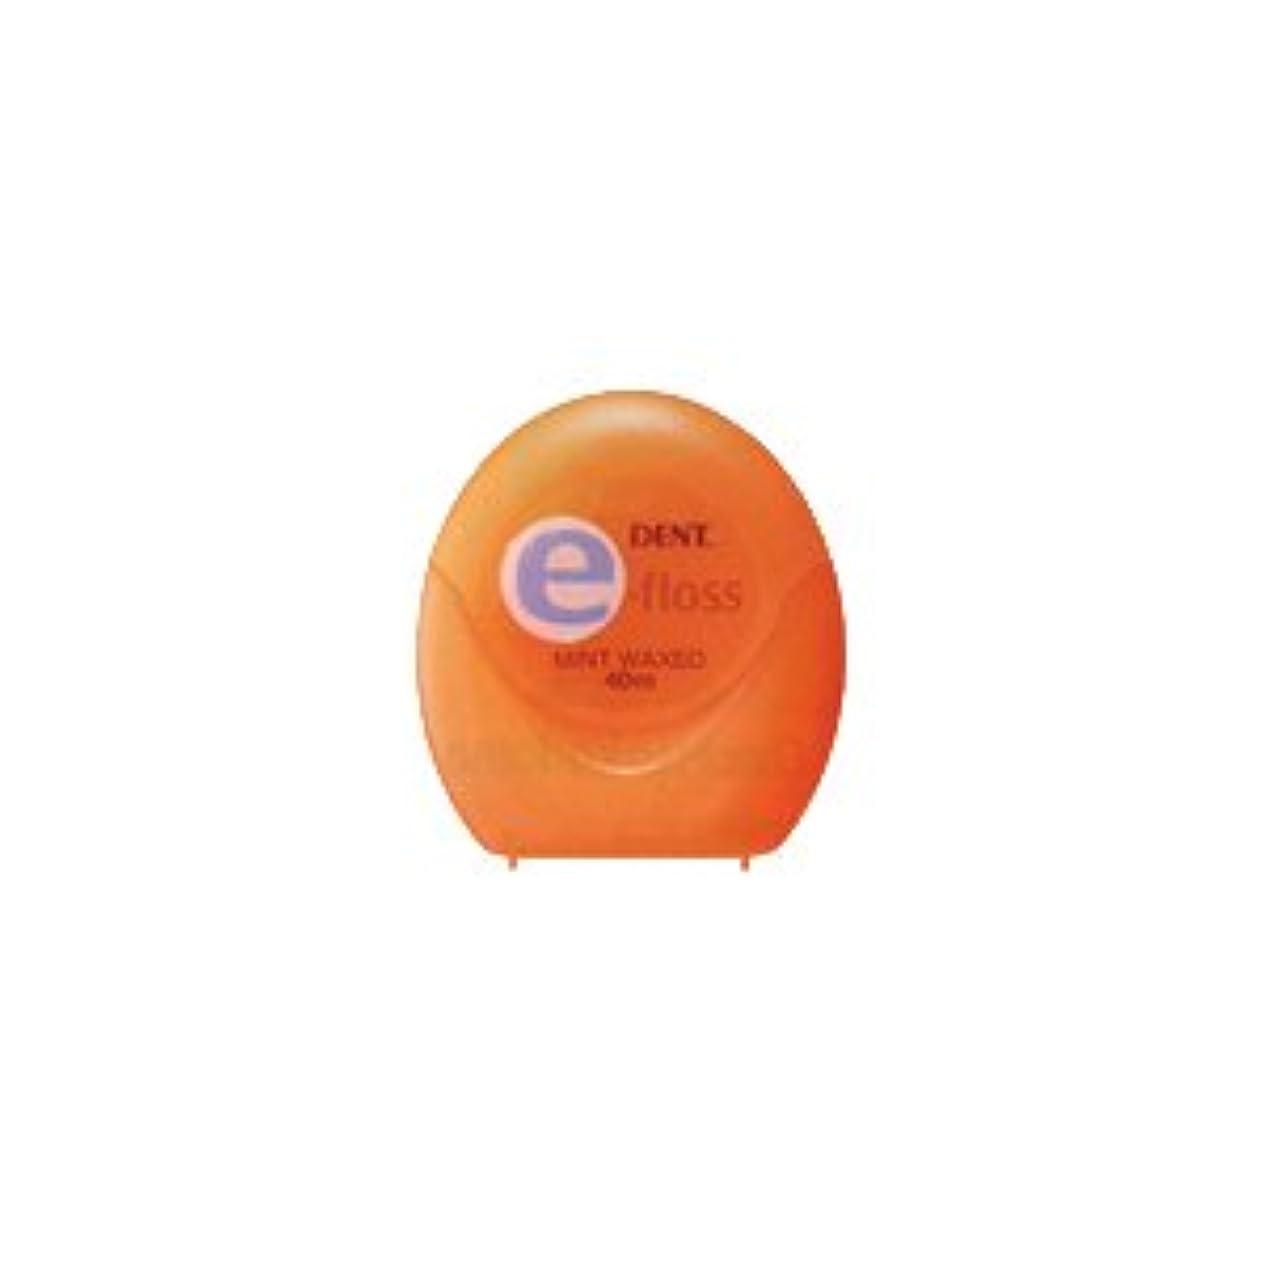 思いやりのある夫婦正気ライオン DENT.e-floss デントイーフロス 1個 (オレンジ)